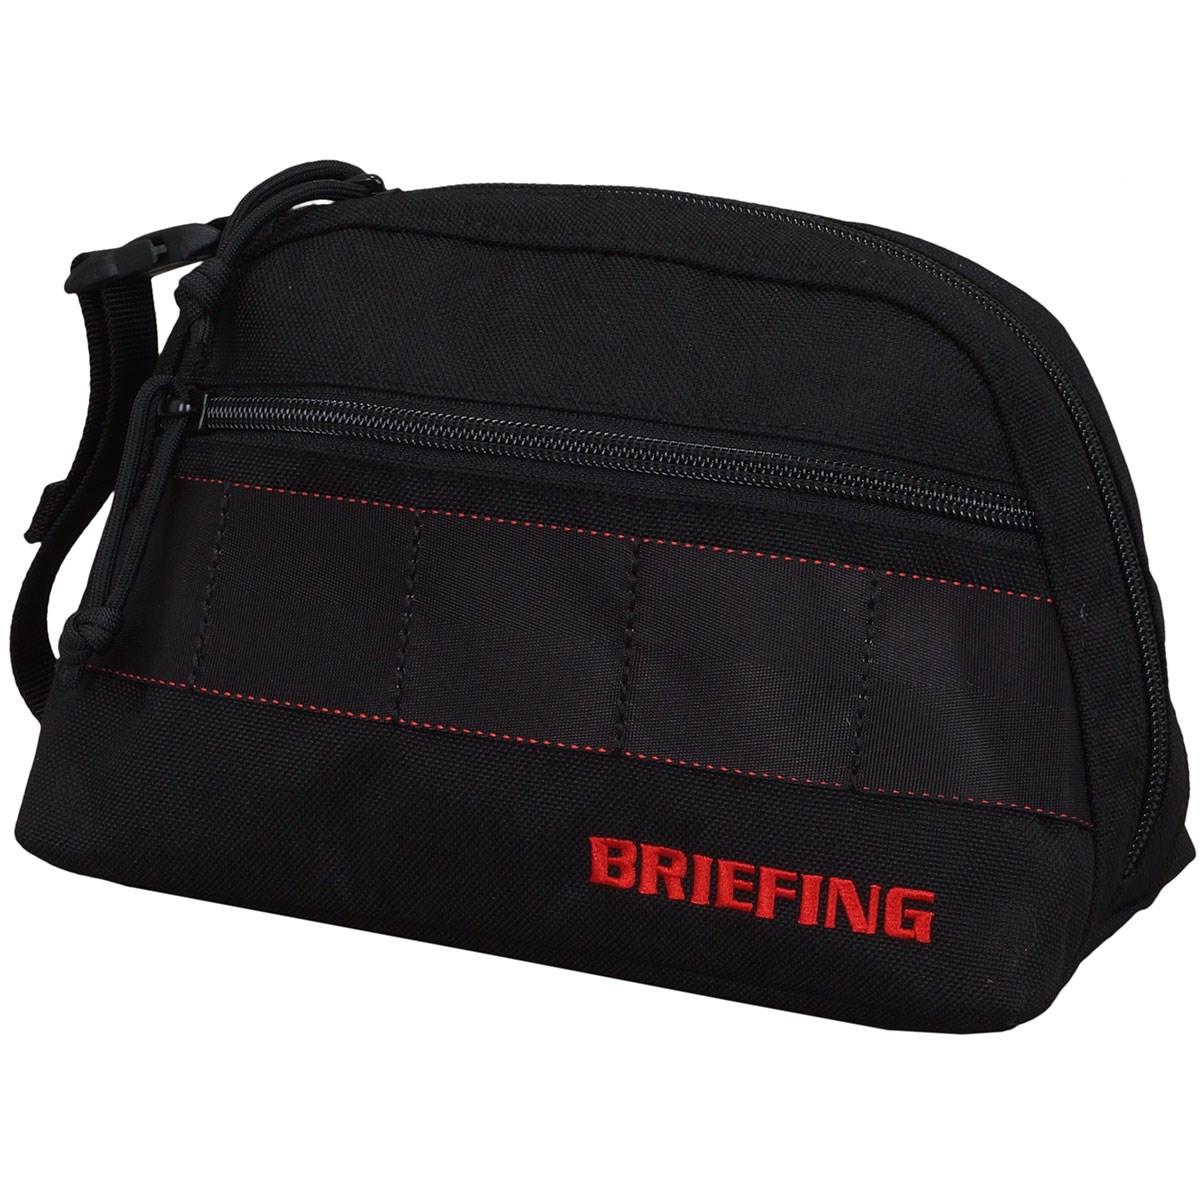 ブリーフィング BRIEFING ポーチ ブラック